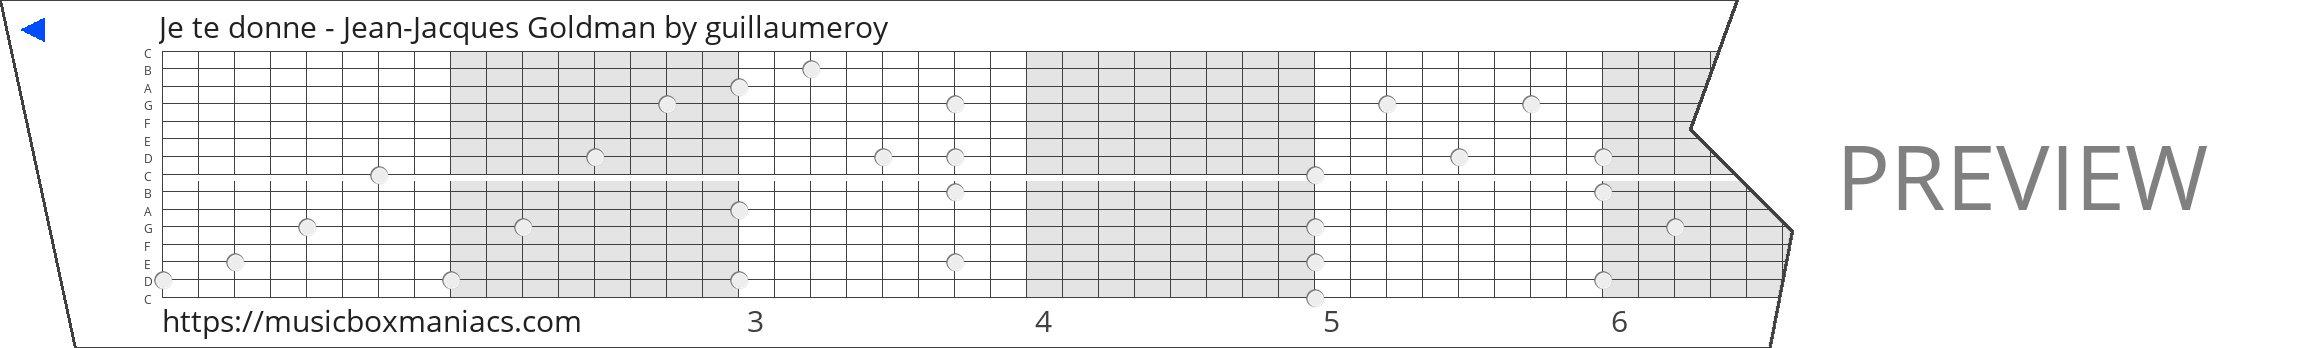 Je te donne - Jean-Jacques Goldman 15 note music box paper strip